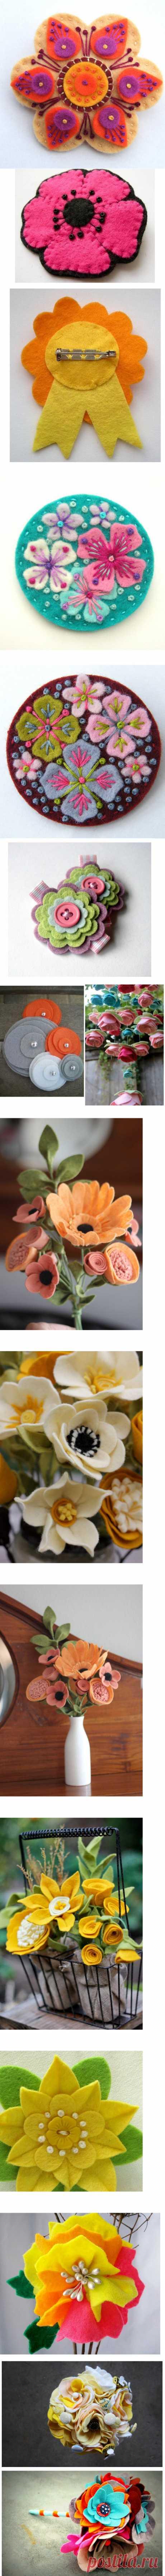 Цветы из фетра для поделок и украшений.Делаем своими руками розу (видео,фото)